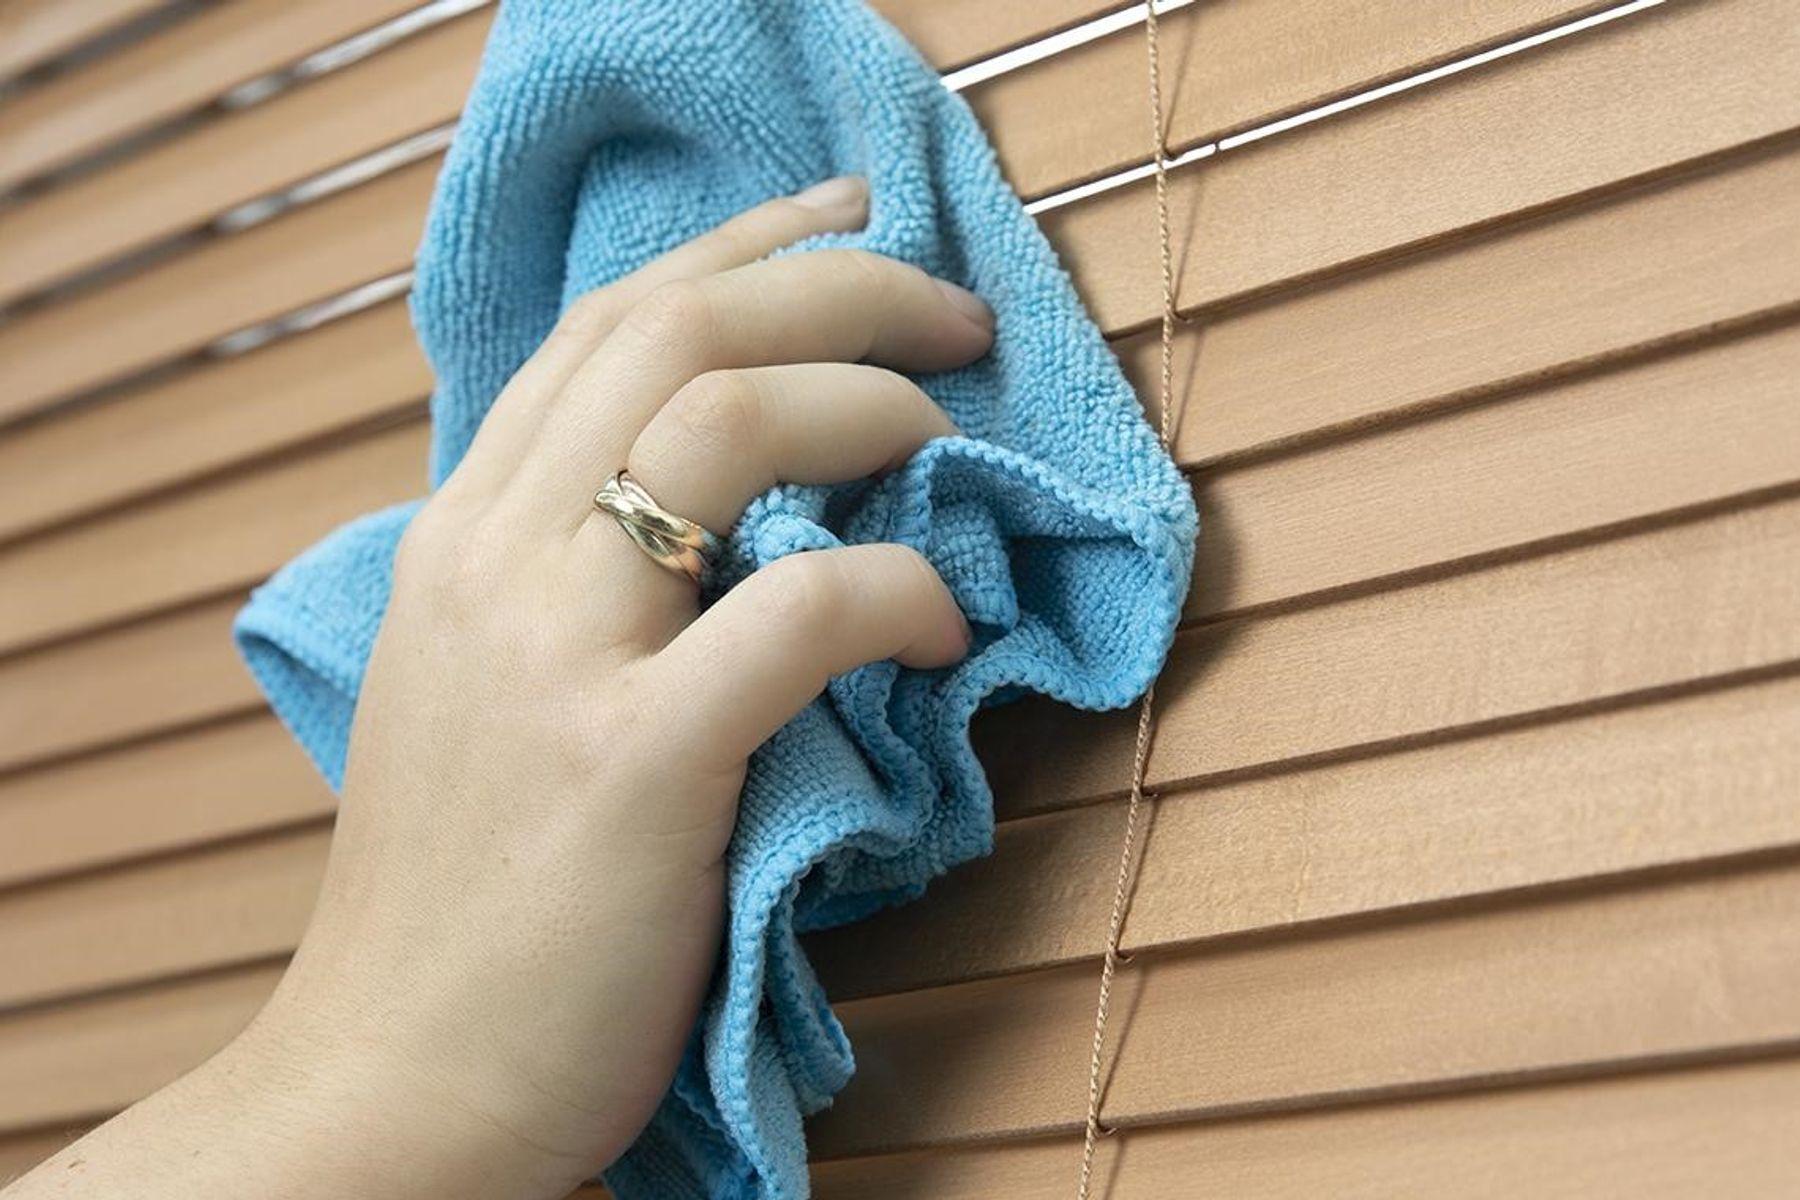 Mão passa um pano azul de limpeza na persiana de madeira